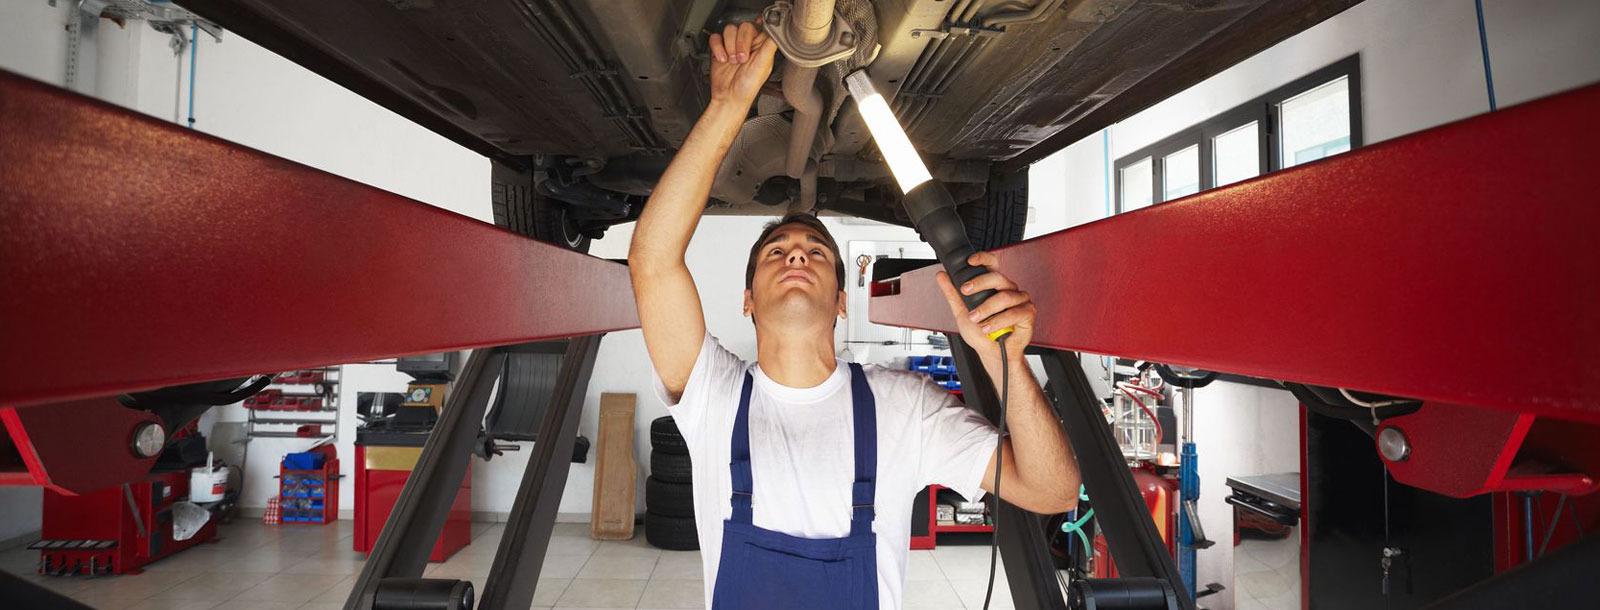 Диагностика техническое обслуживание и ремонт автомобилей в Чкаловске